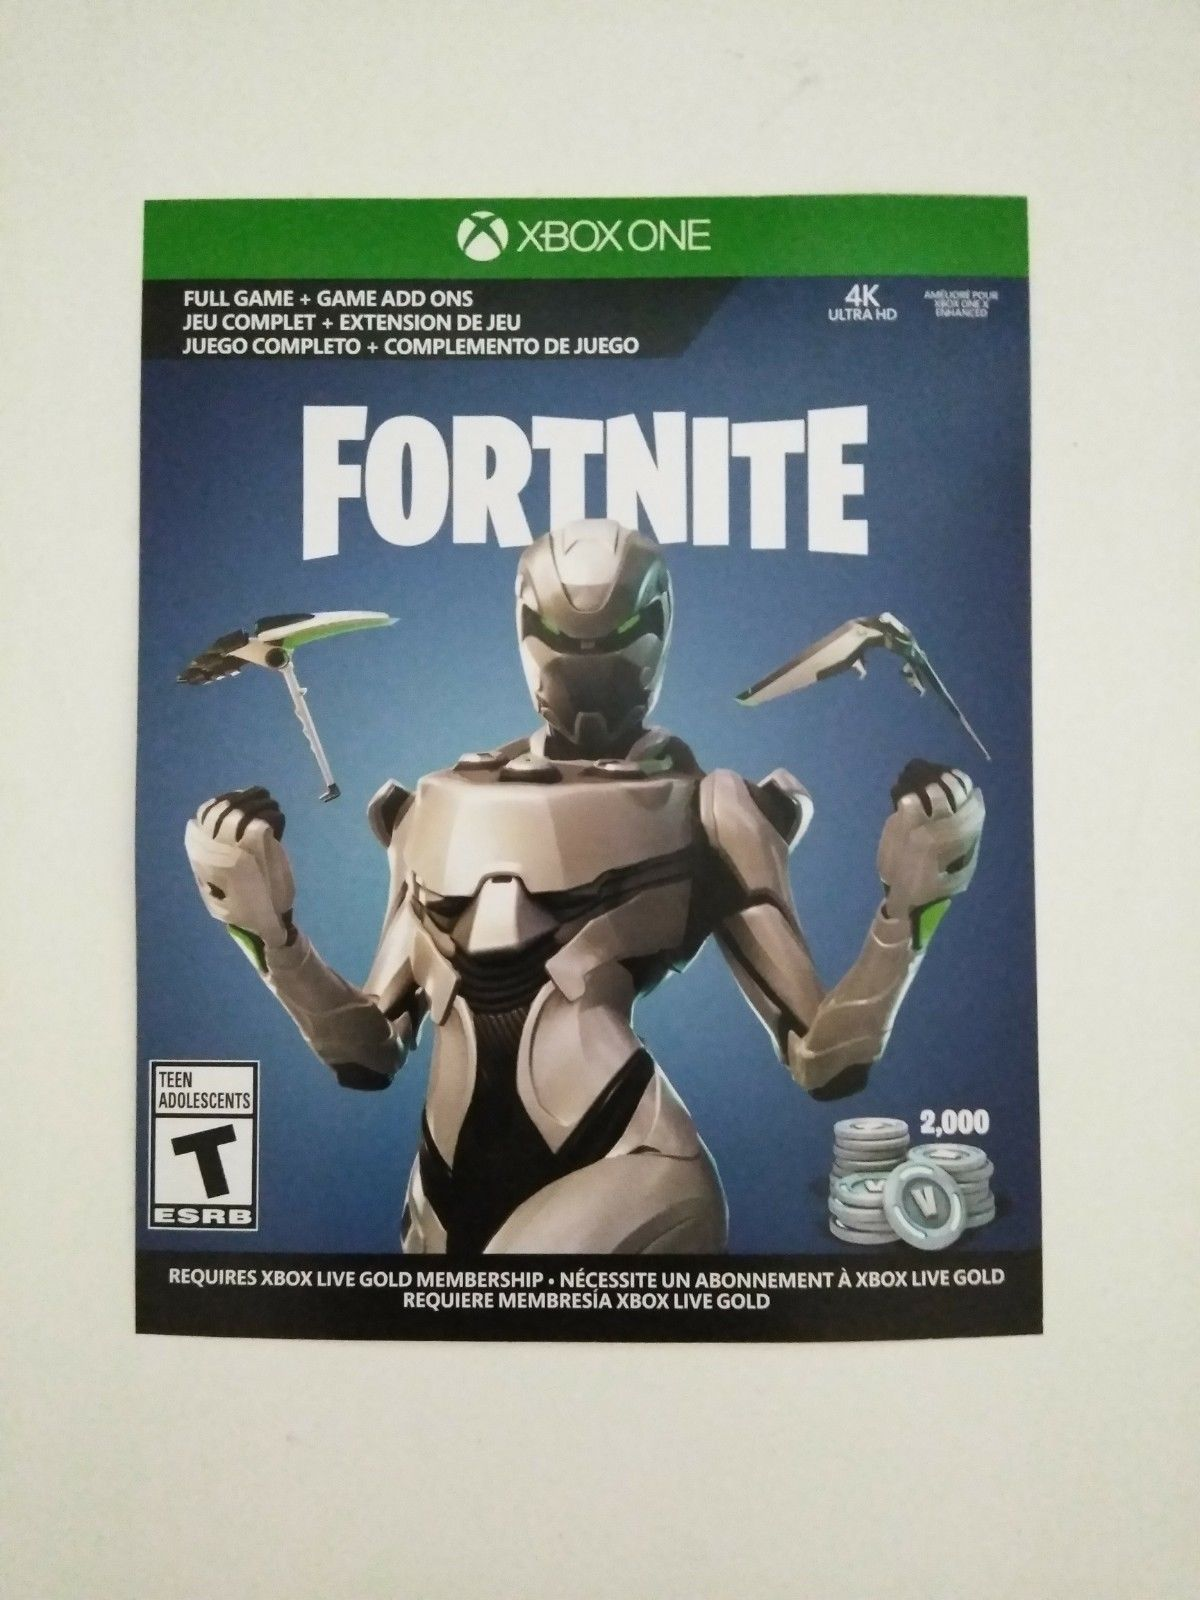 Fortnite Xbox One Eon Skin Cosmetic Set Skin2000 V Bucks Physical